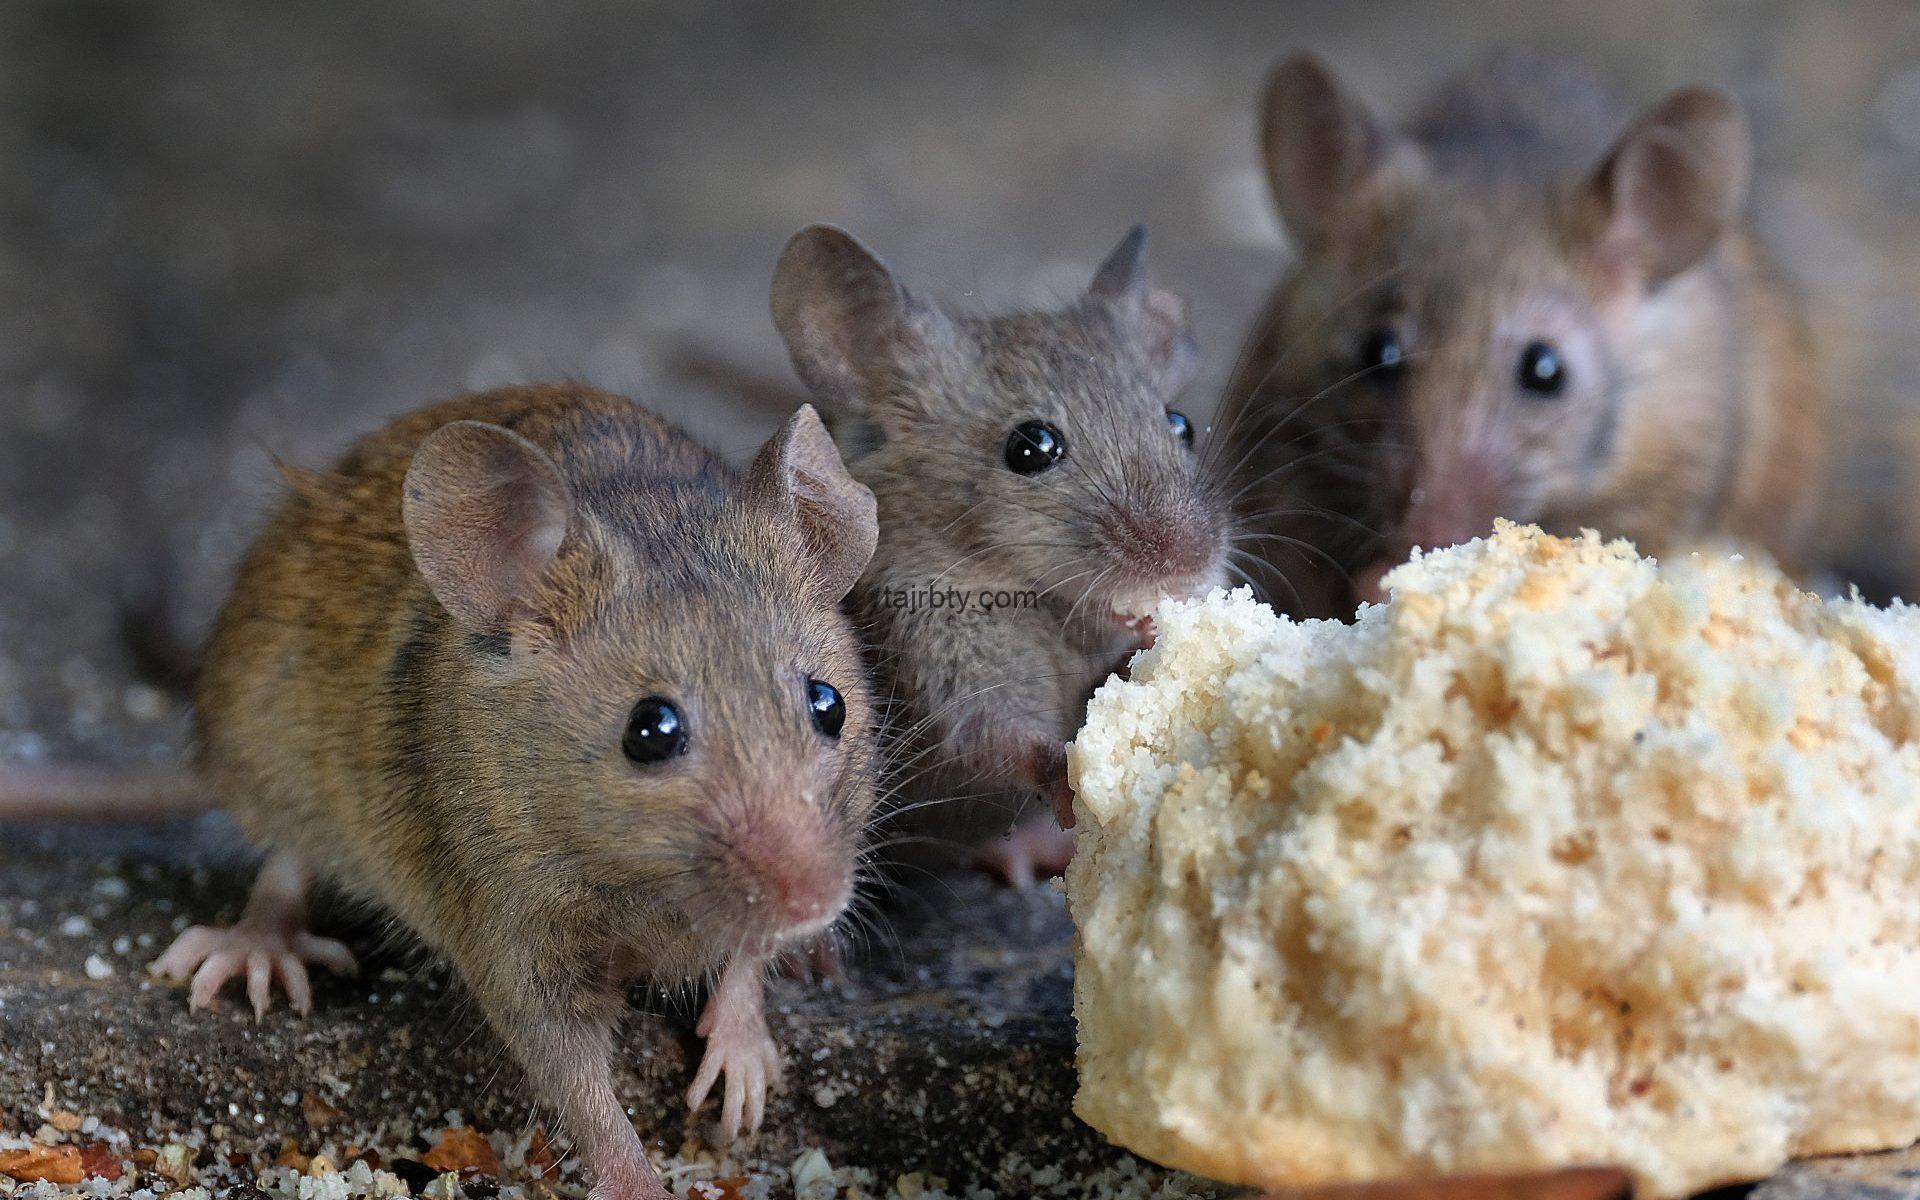 أسرع حل لطرد الفئران من المنزل